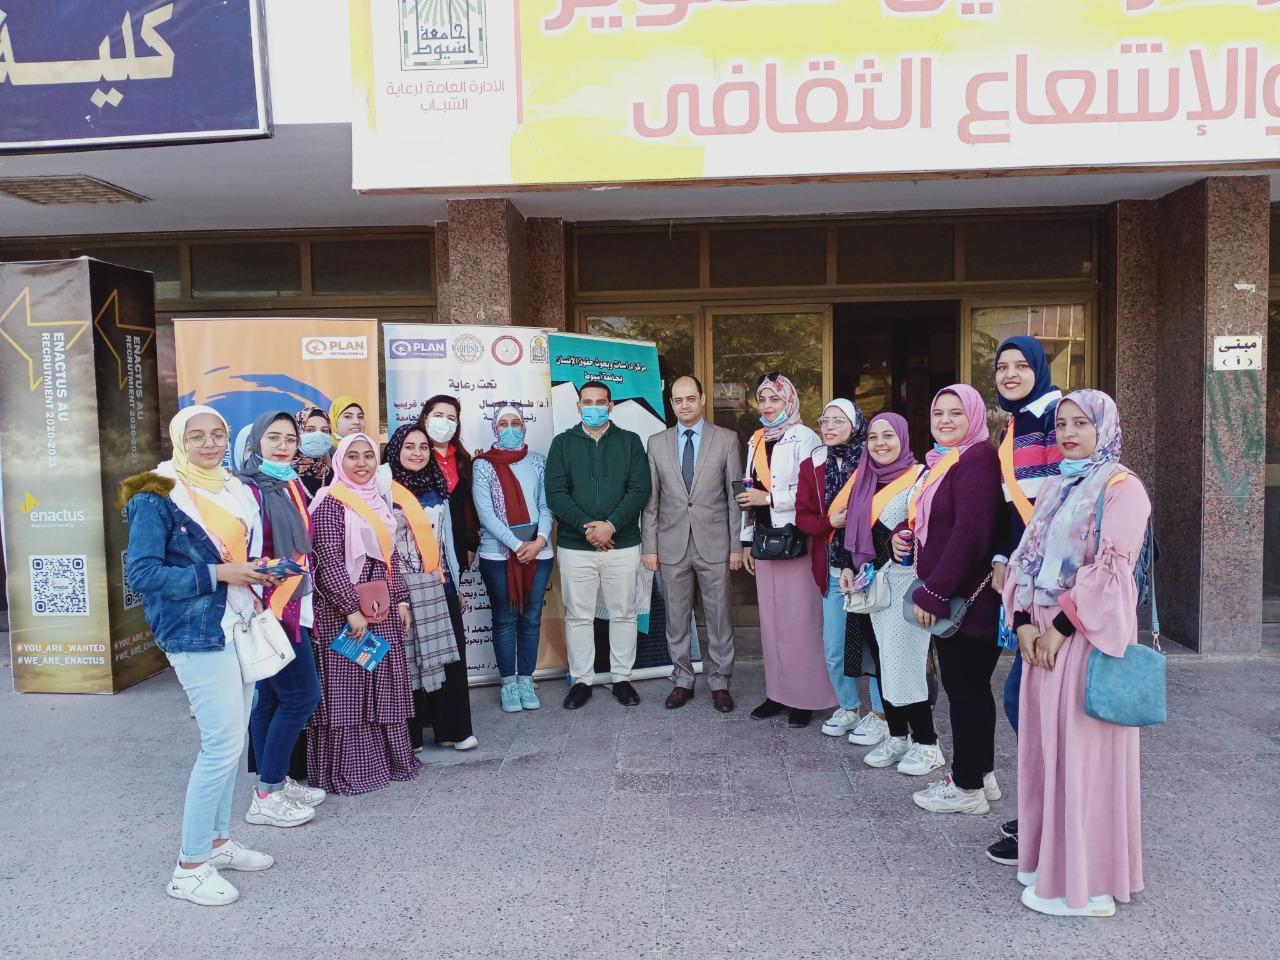 ختام أنشطة حملة الـ 16 يوم لمناهضة العنف ضد المرأة بأسيوط